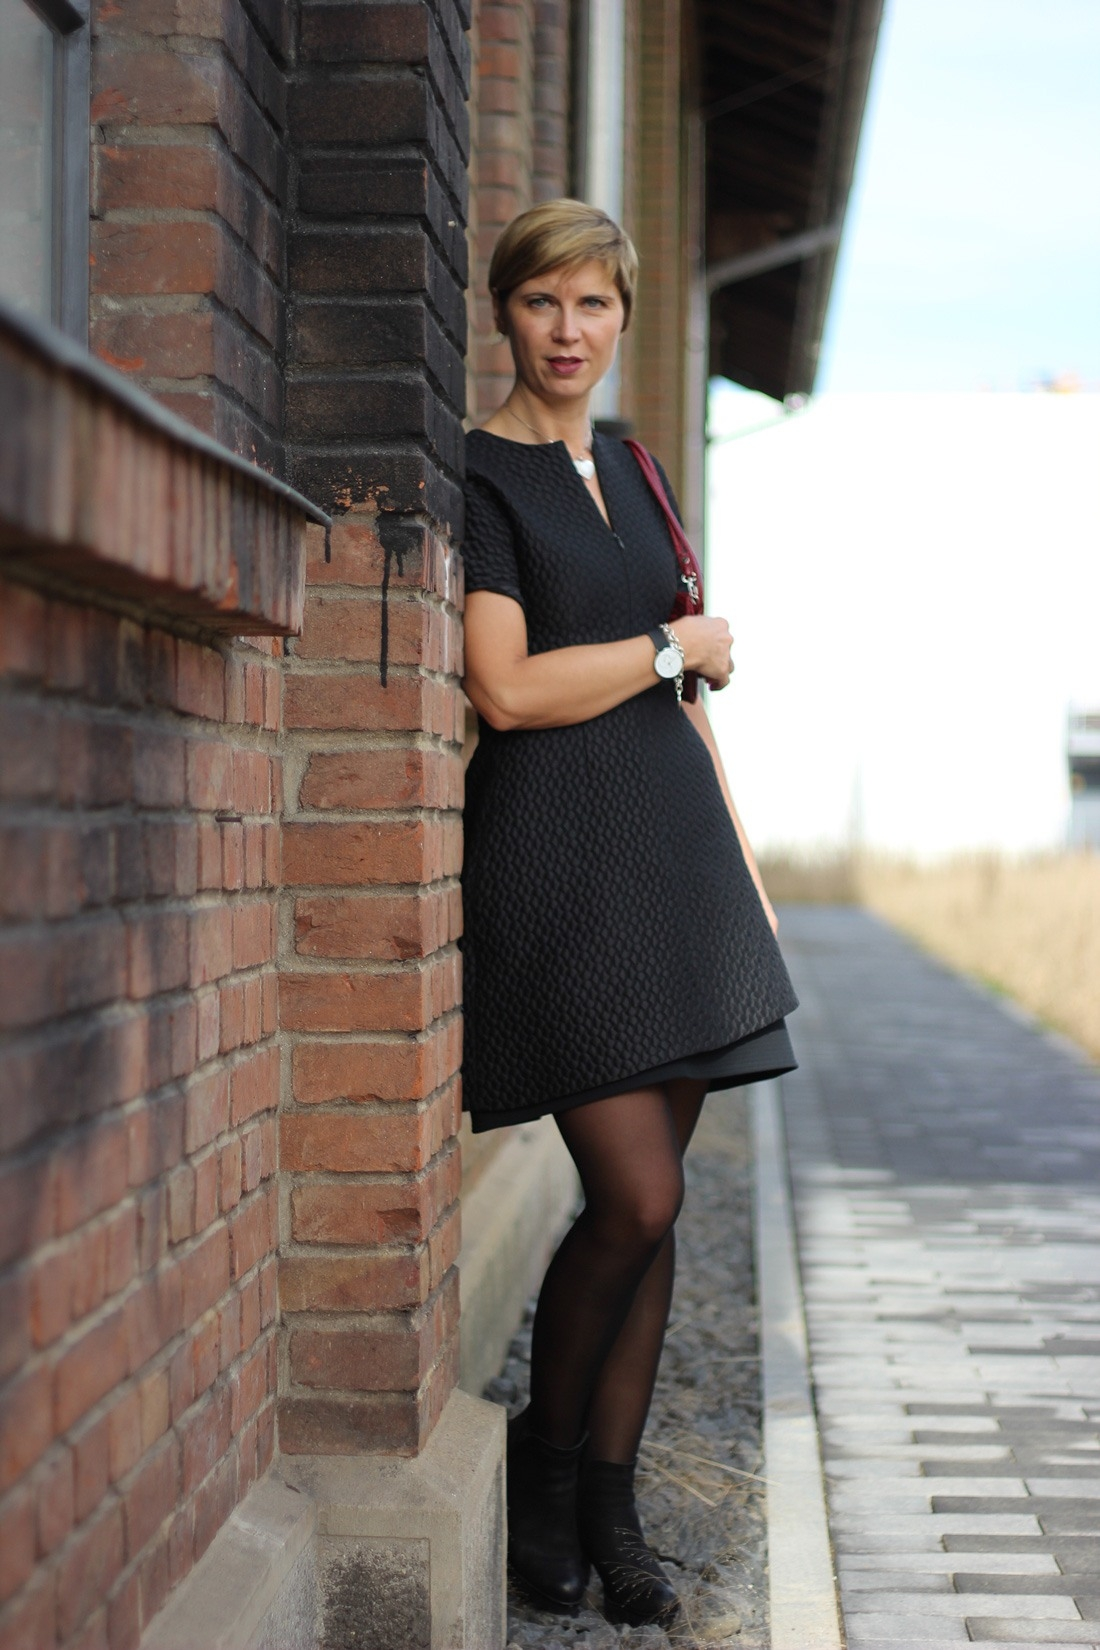 Spektakulär Schwarzes Kleid Festlich Vertrieb20 Einzigartig Schwarzes Kleid Festlich Bester Preis